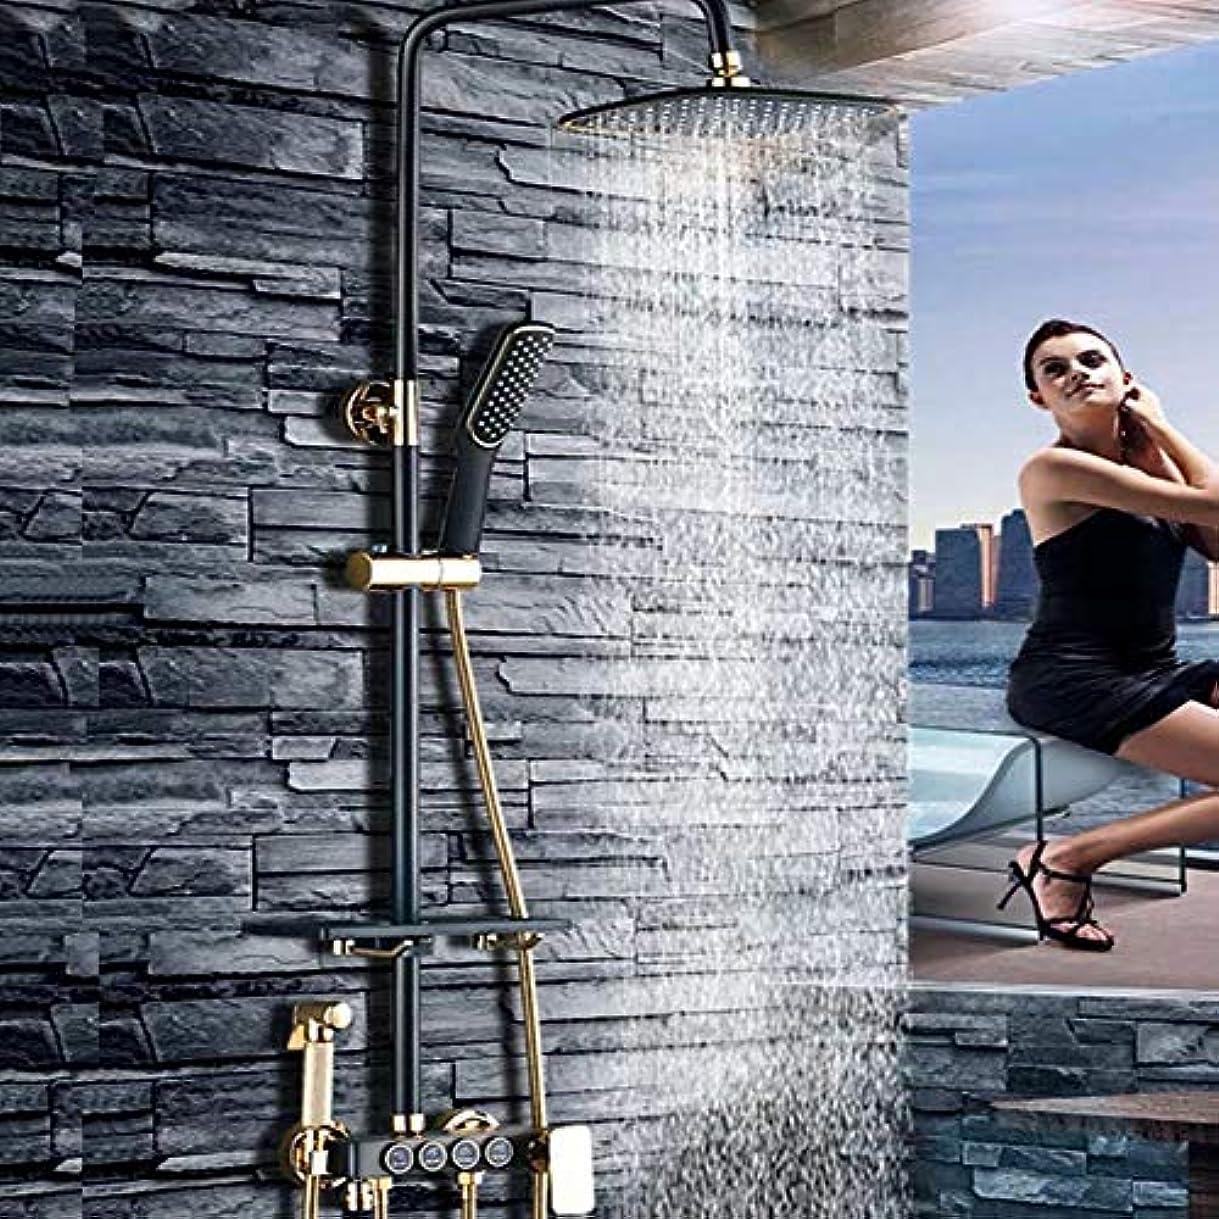 解読する変成器付録ブラックシャワーシェルフシャワーセットサイズとセット/全銅の蛇口浴室のシャワーブースターシャワーヘッド/ファイン銅のテーマ:* 900ミリメートル340 浴室用設備